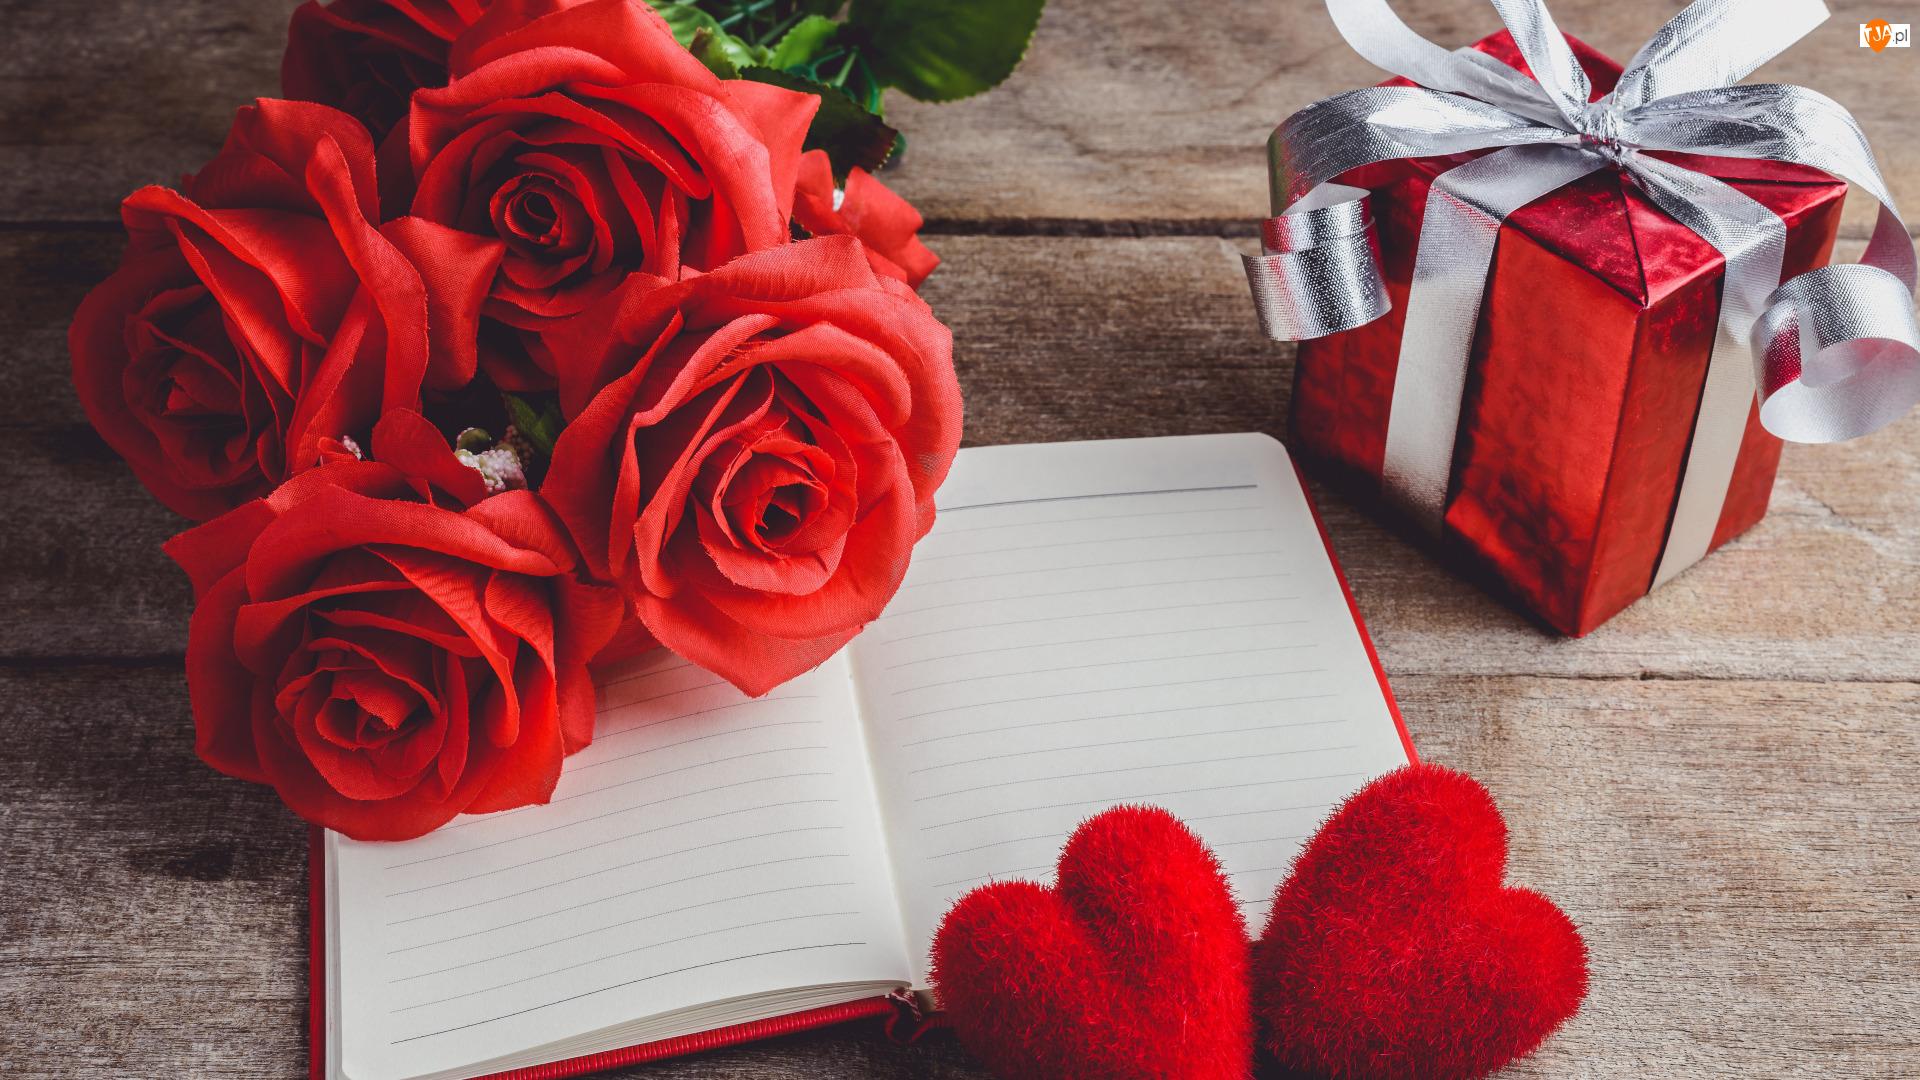 Róże, Czerwone, Zeszyt, Prezent, Bukiet, Serduszka